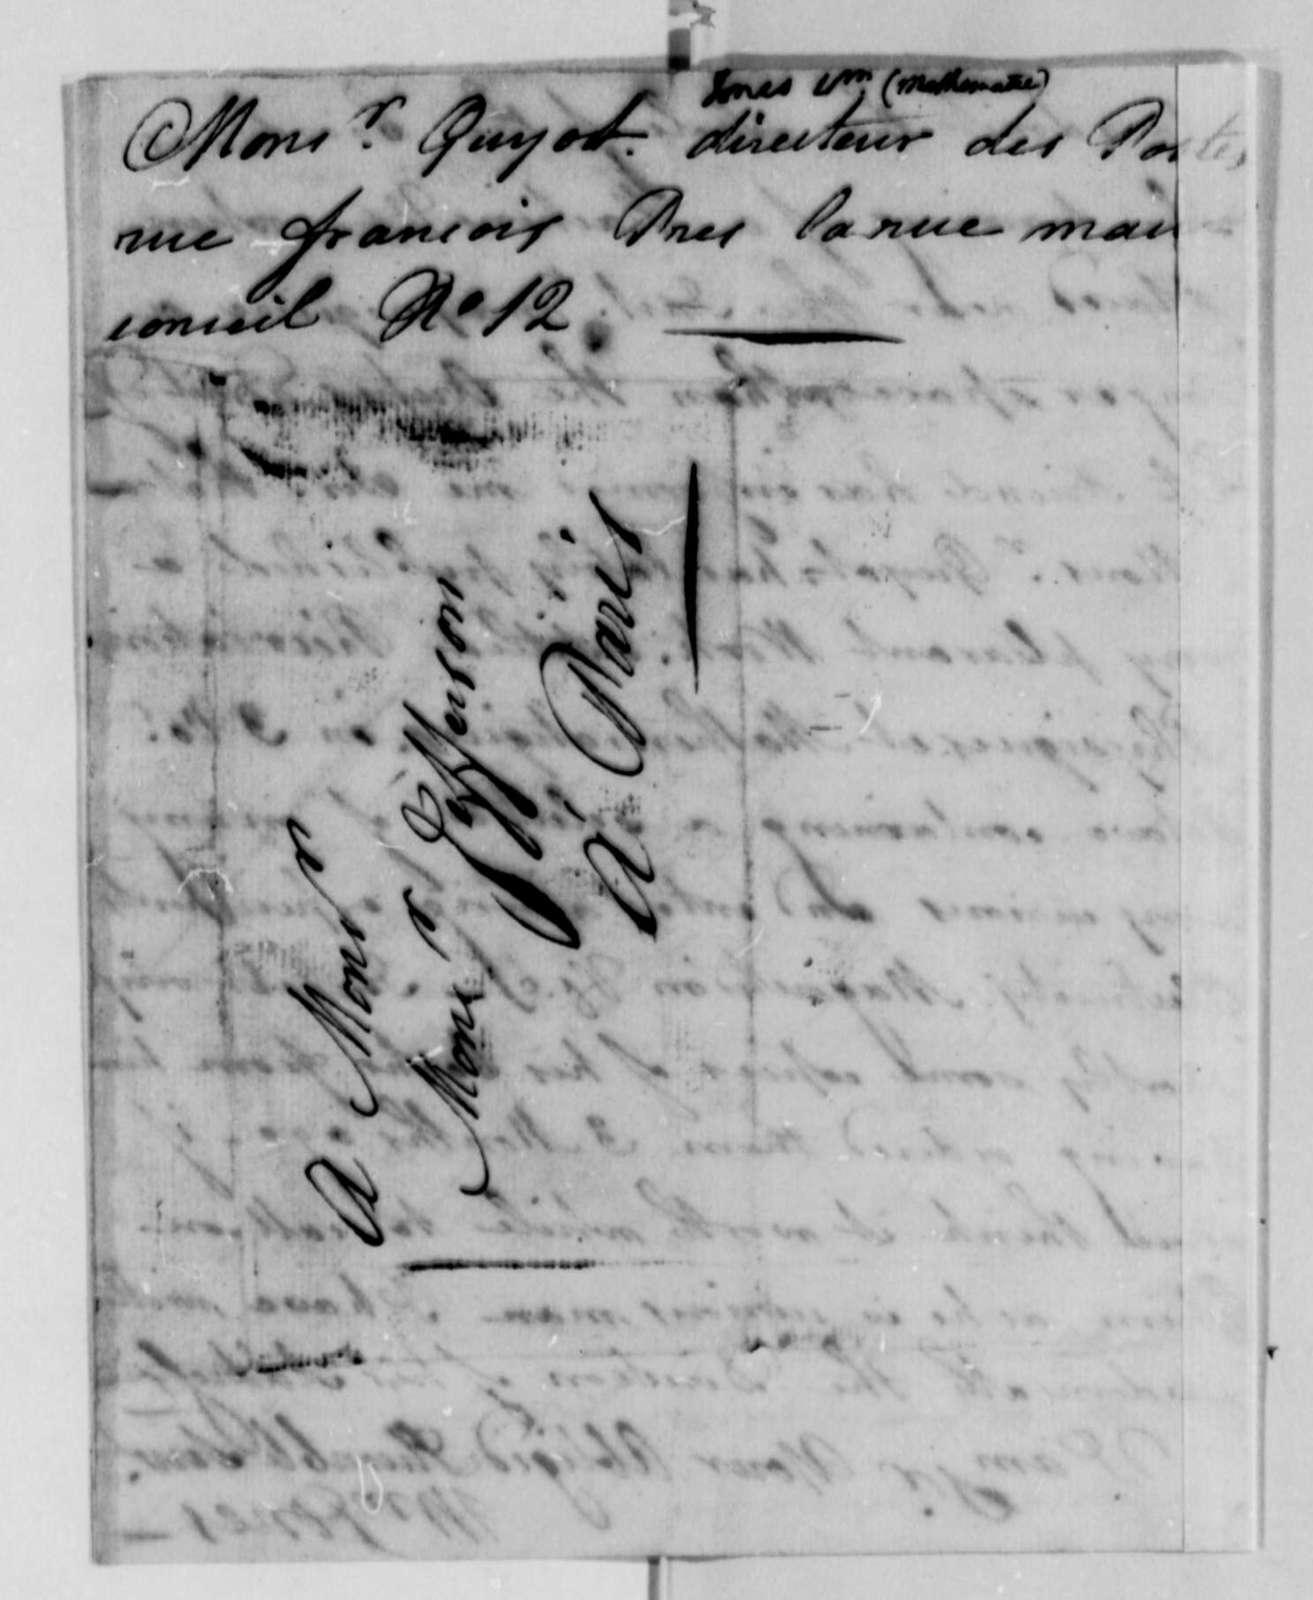 William Jones to Thomas Jefferson, January 22, 1787